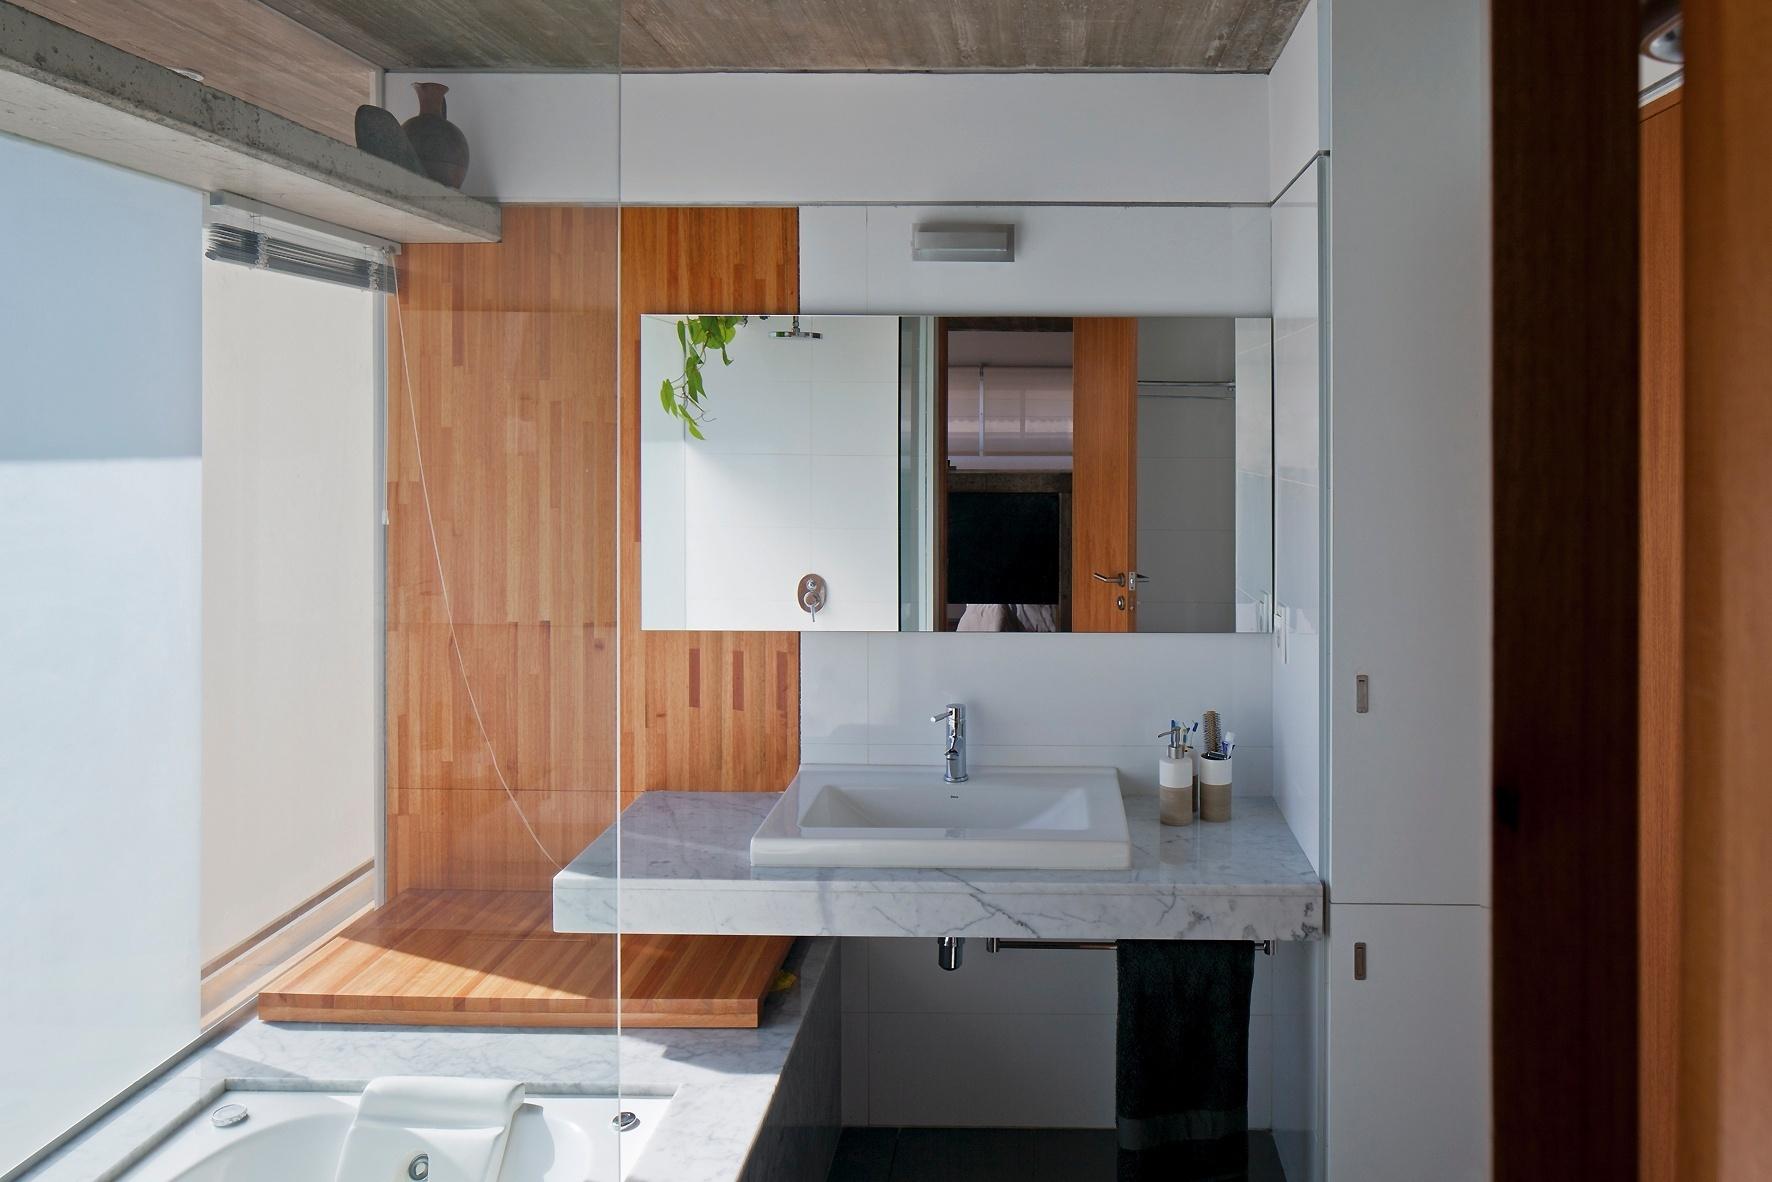 O banheiro principal tem sua privacidade garantida por folhas de vidro jateado, que protegem a banheira do corredor externo de circulação (no piso intermediário). Os acabamentos acompanham o ritmo da casa Ibiray: madeira, concreto aparente e mármore dominam o pespaço projetado pelos arquitetos Lucho Oreggioni e Sonia Prieto